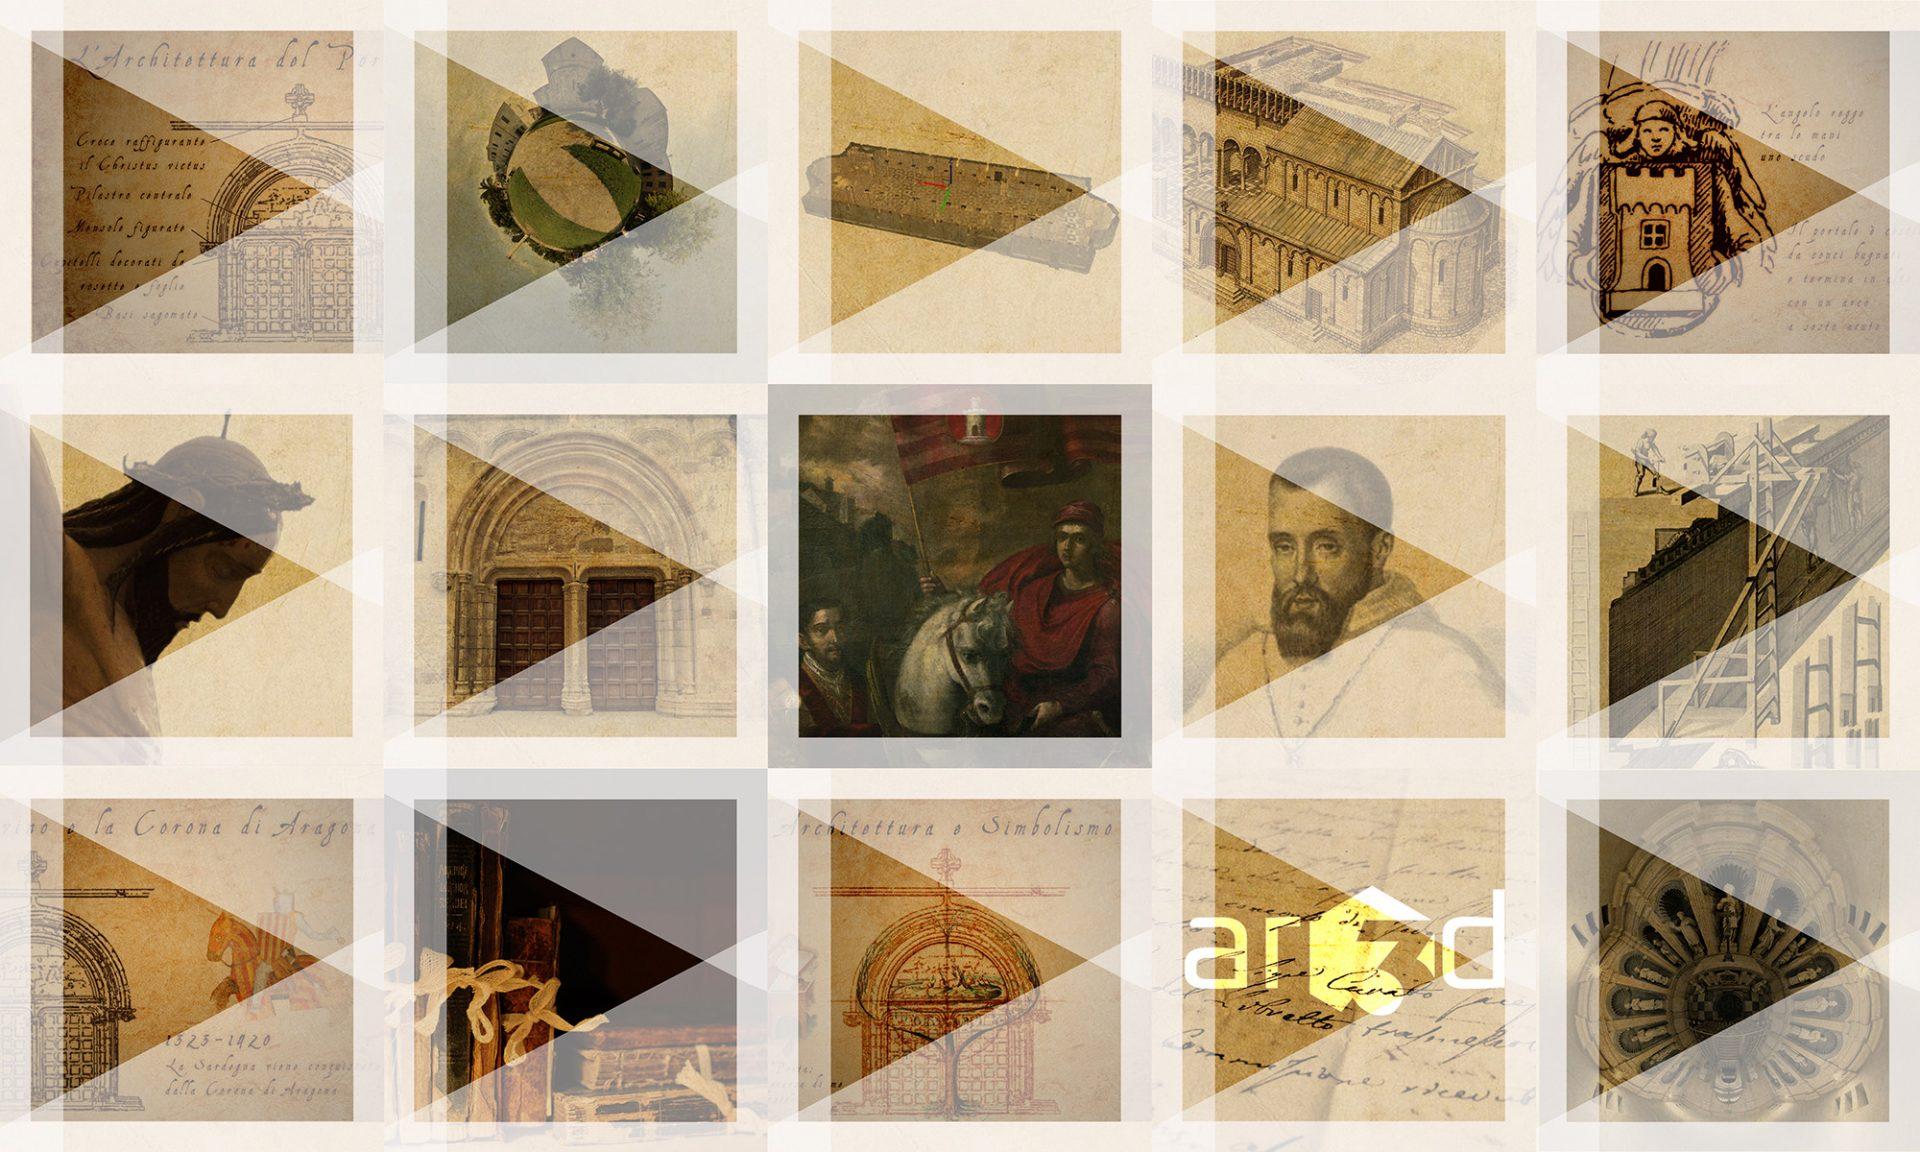 immagini di alcune sezioni costituenti la piattaforma multimediale della Basilica